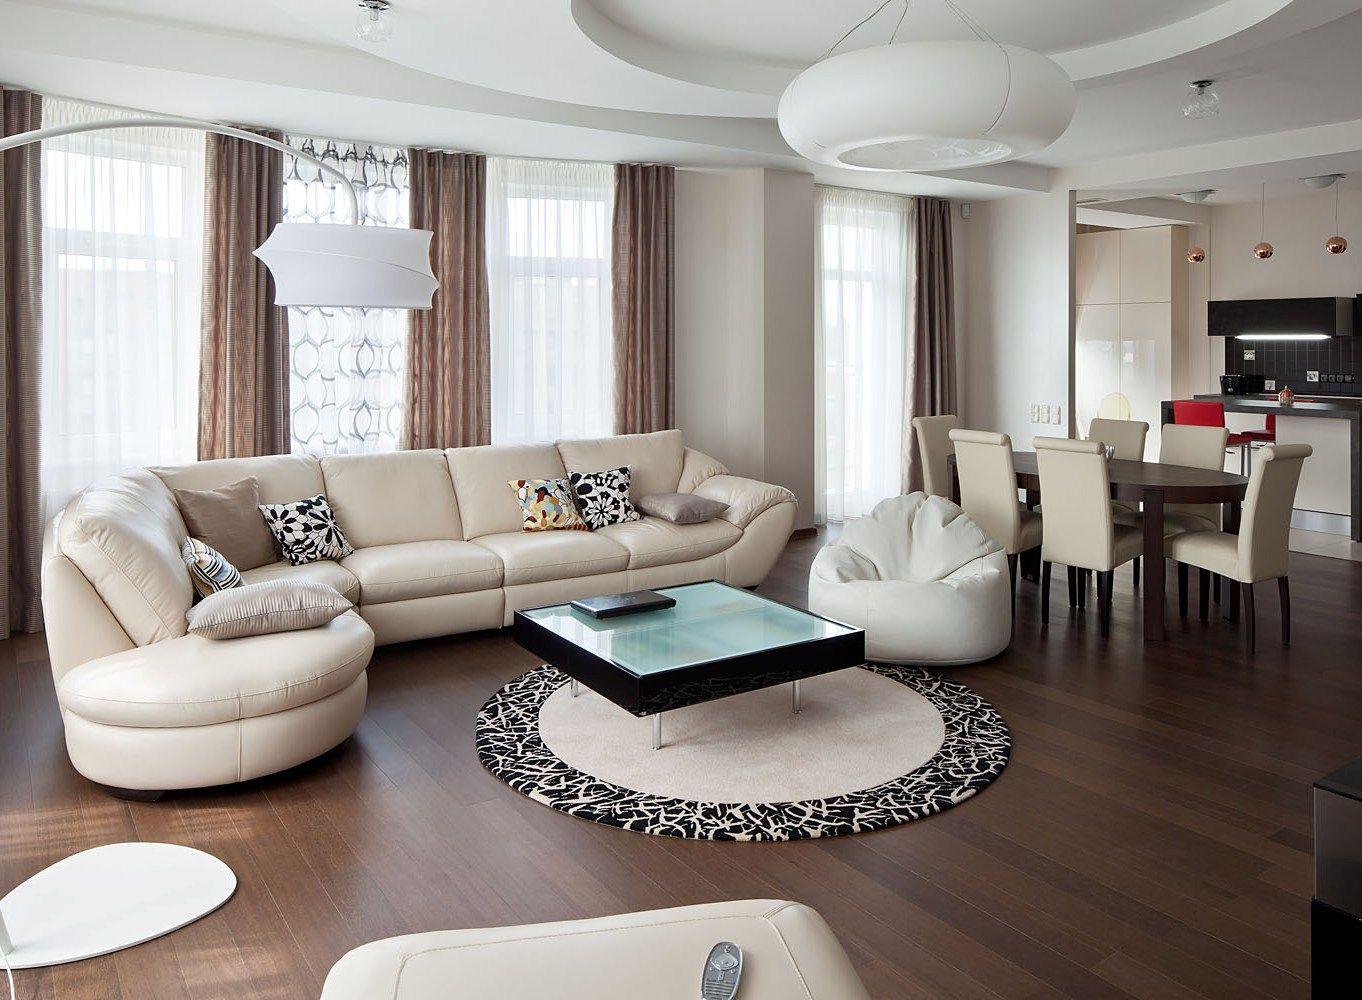 дизайн, интерьер, квартира, дизайн интерьера